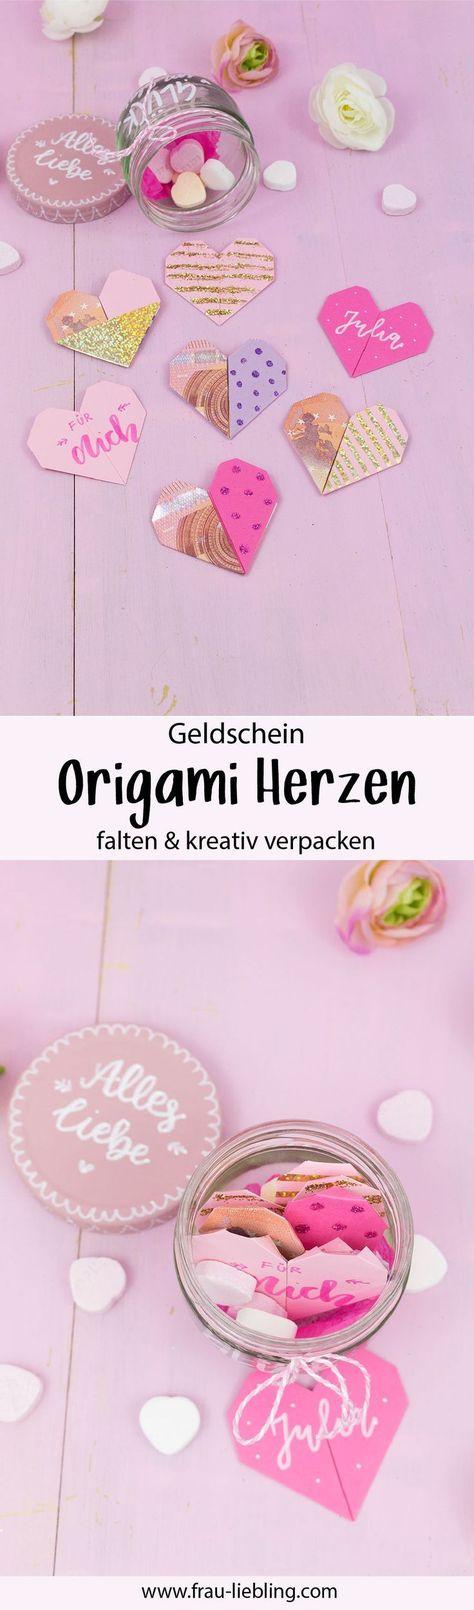 List Of Pinterest Geldgeschenk Geburtstag Frauen Glas Ideas